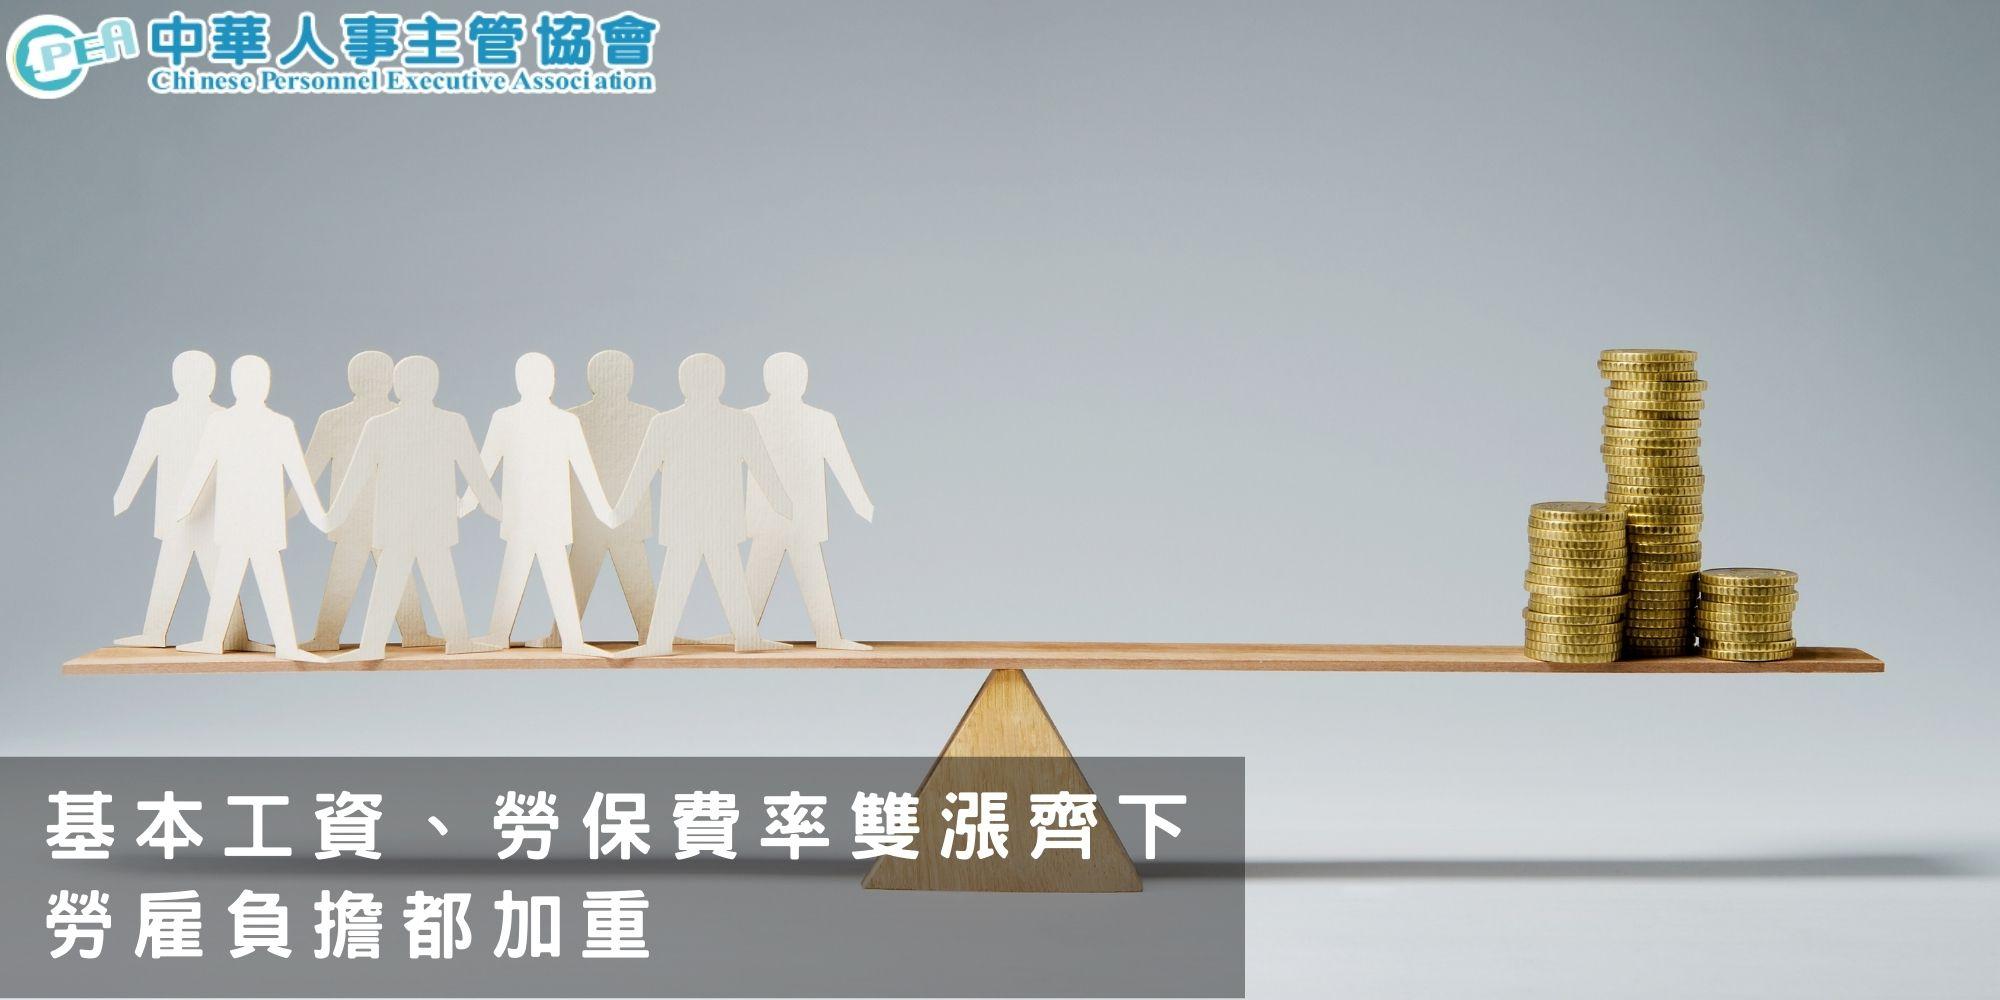 基本工資、勞保費率雙漲齊下  勞雇負擔都加重│中華人事主管協會-HR